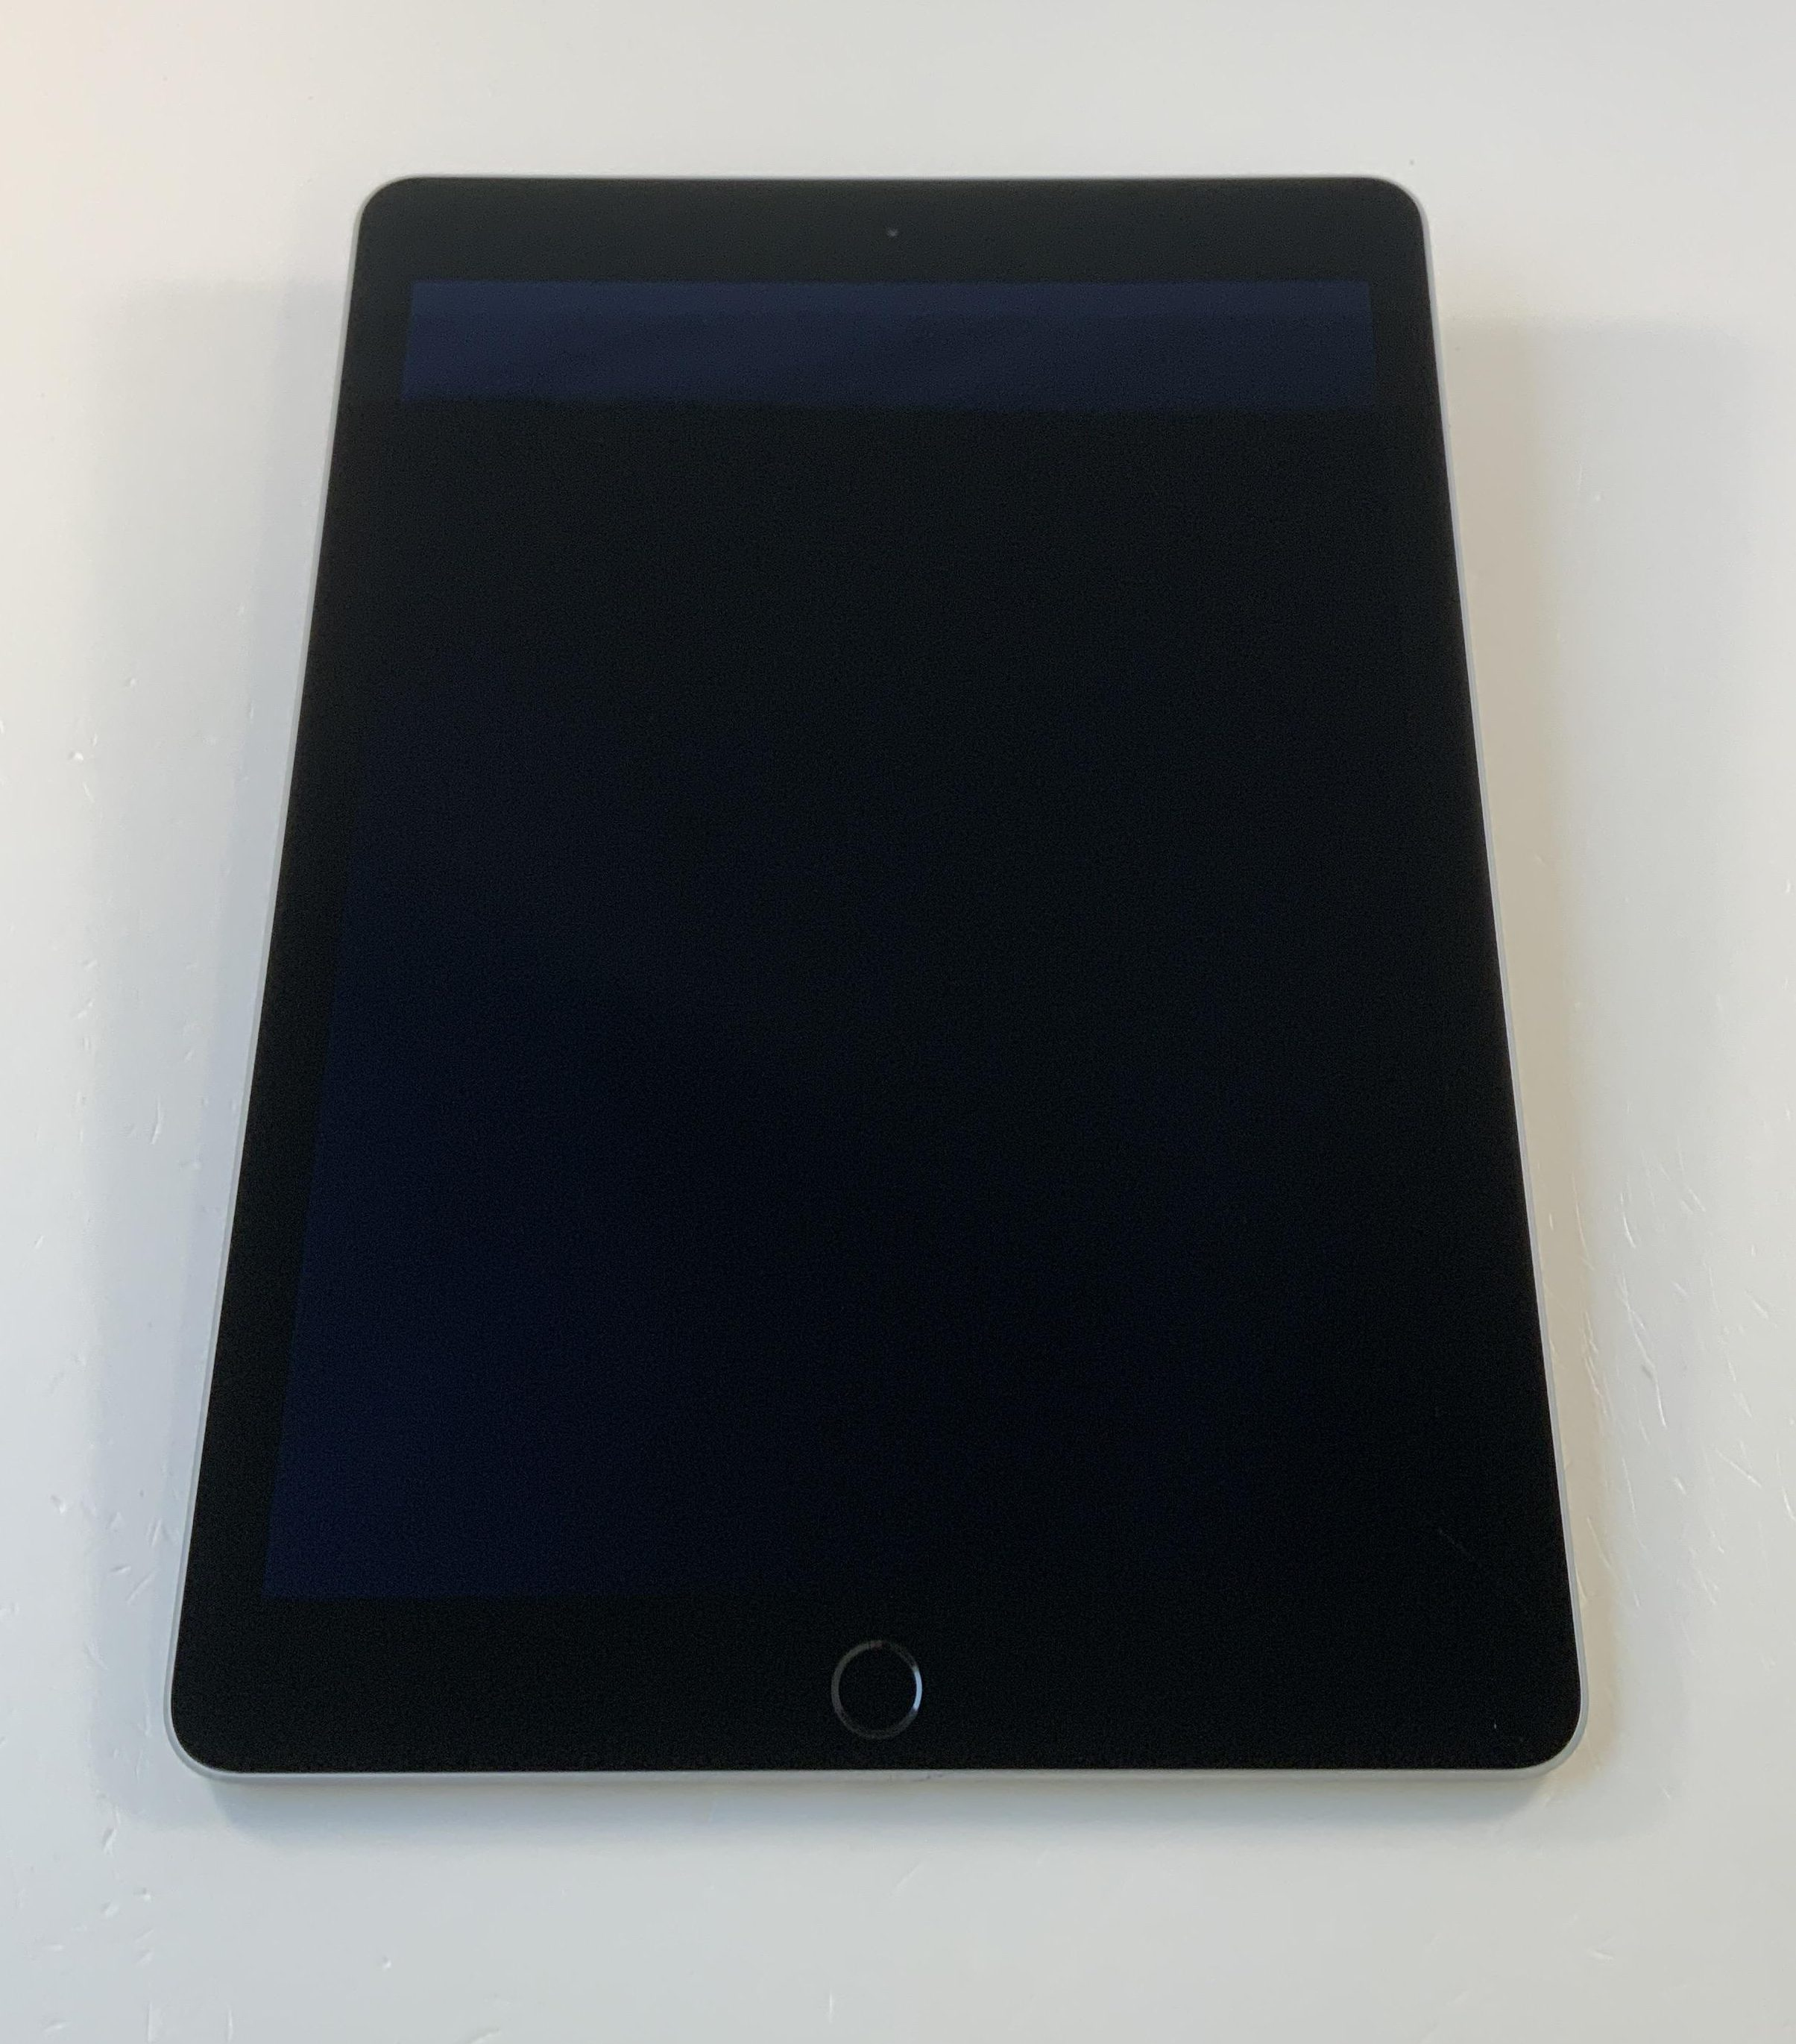 iPad Air 2 Wi-Fi 32GB, 32GB, Space Gray, Kuva 1